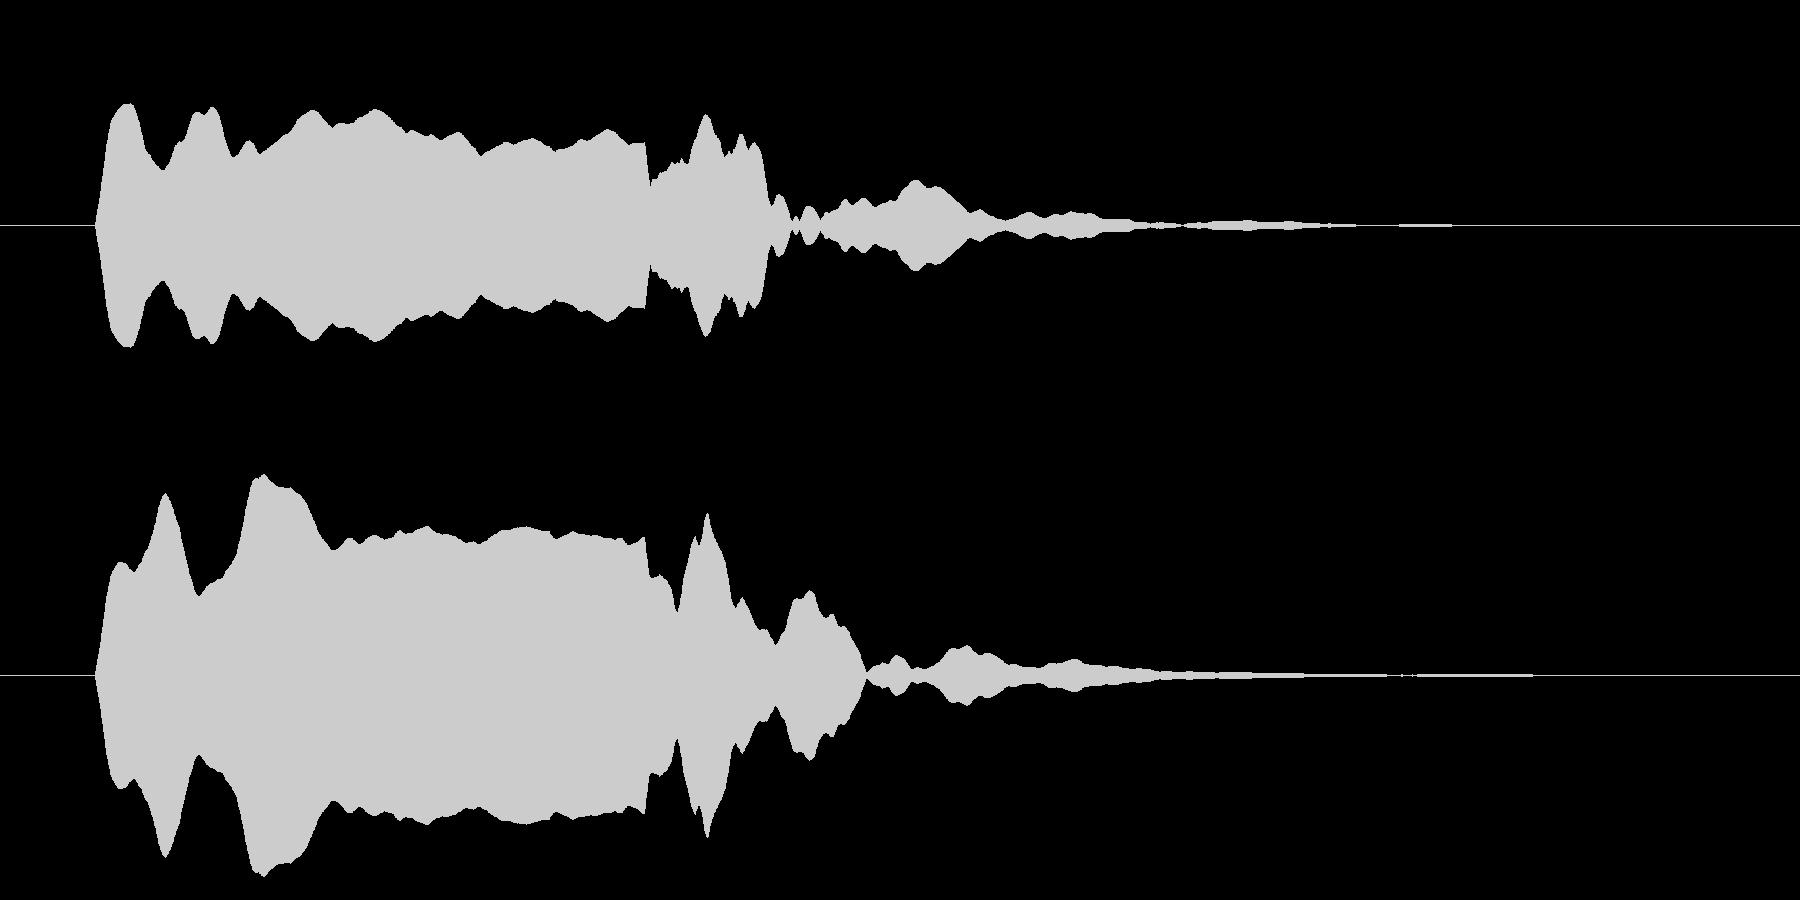 改札 ビープ音01-15(音色2 遠)の未再生の波形